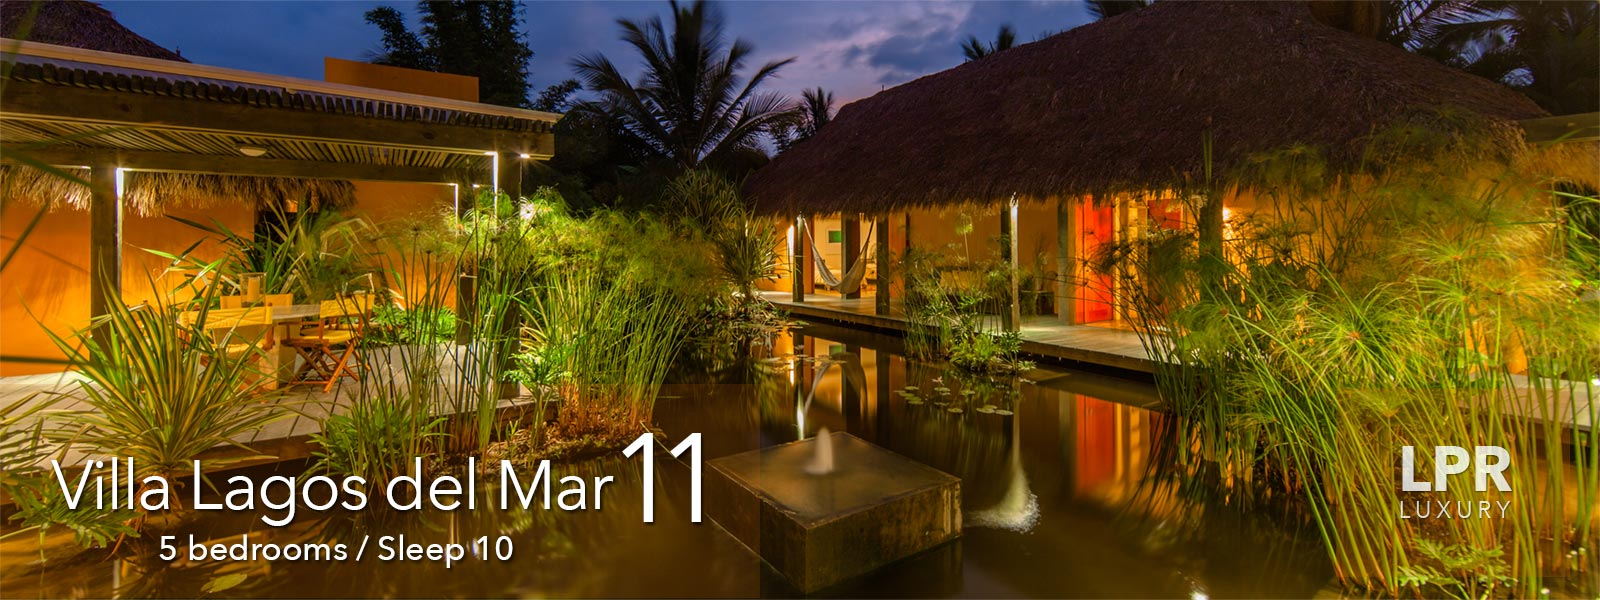 Villa Lagos del Mar 11 - Punta Mita Resort Real Estate - Punta Mita Vacation Rentals